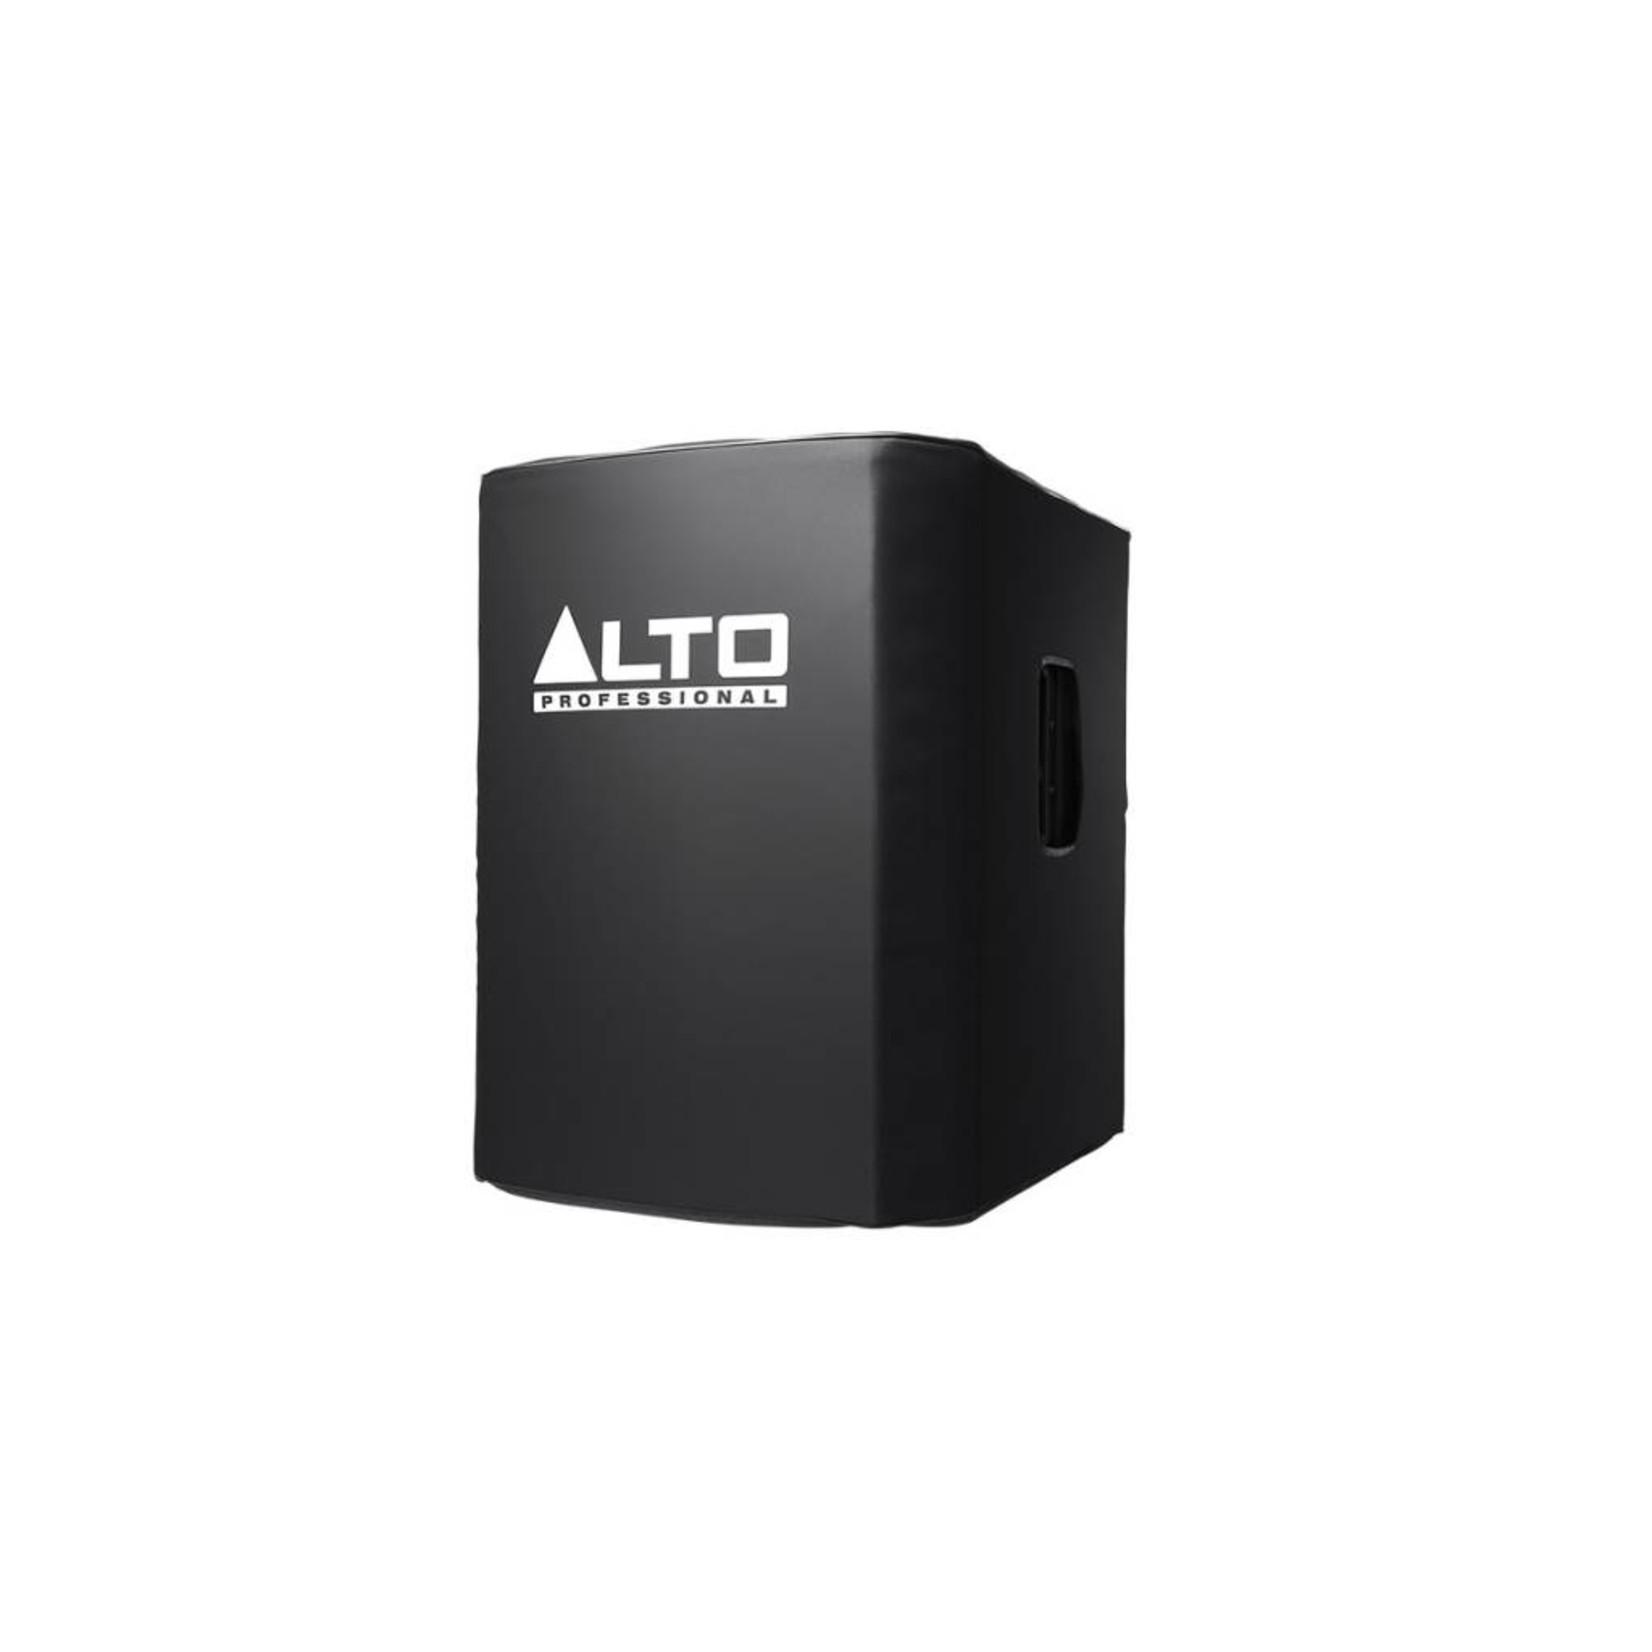 ALTO PROFESSIONAL HOUSSE DE PROTECTION ALTO TS2/TS3